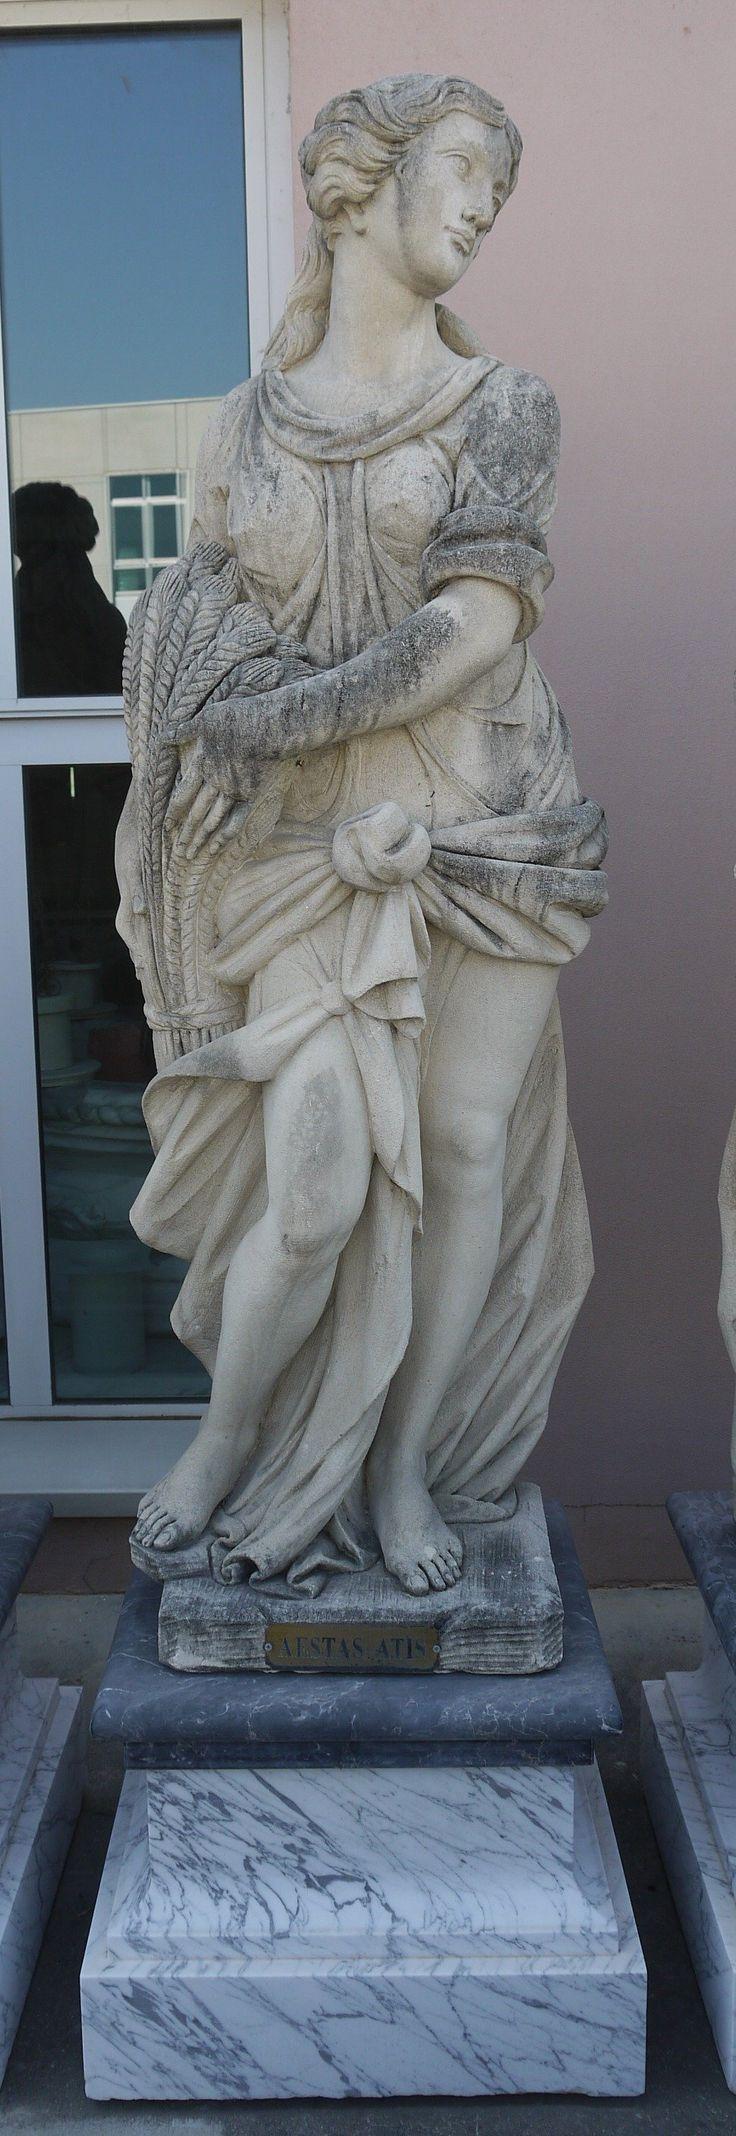 Scultura in pietra l'Estate delle 4 stagioni - http://www.achillegrassi.com/it/project/scultura-in-pietra-lestate-delle-4-stagioni/ - Splendido esempio di scultura,in Pietra bianca di Vicenza, raffigurante l'Estate delle 4 stagioni . Da notare la cura dei dettagli delle decorazioni realizzati dai nostri abili scalpellini.  Dimensioni: Scultura in Pietra bianca  60cm x 45cm x 180cm (H)  Basamento in marmo Carrara e Nero Marquina  65cm x 65cm x 50cm (H)